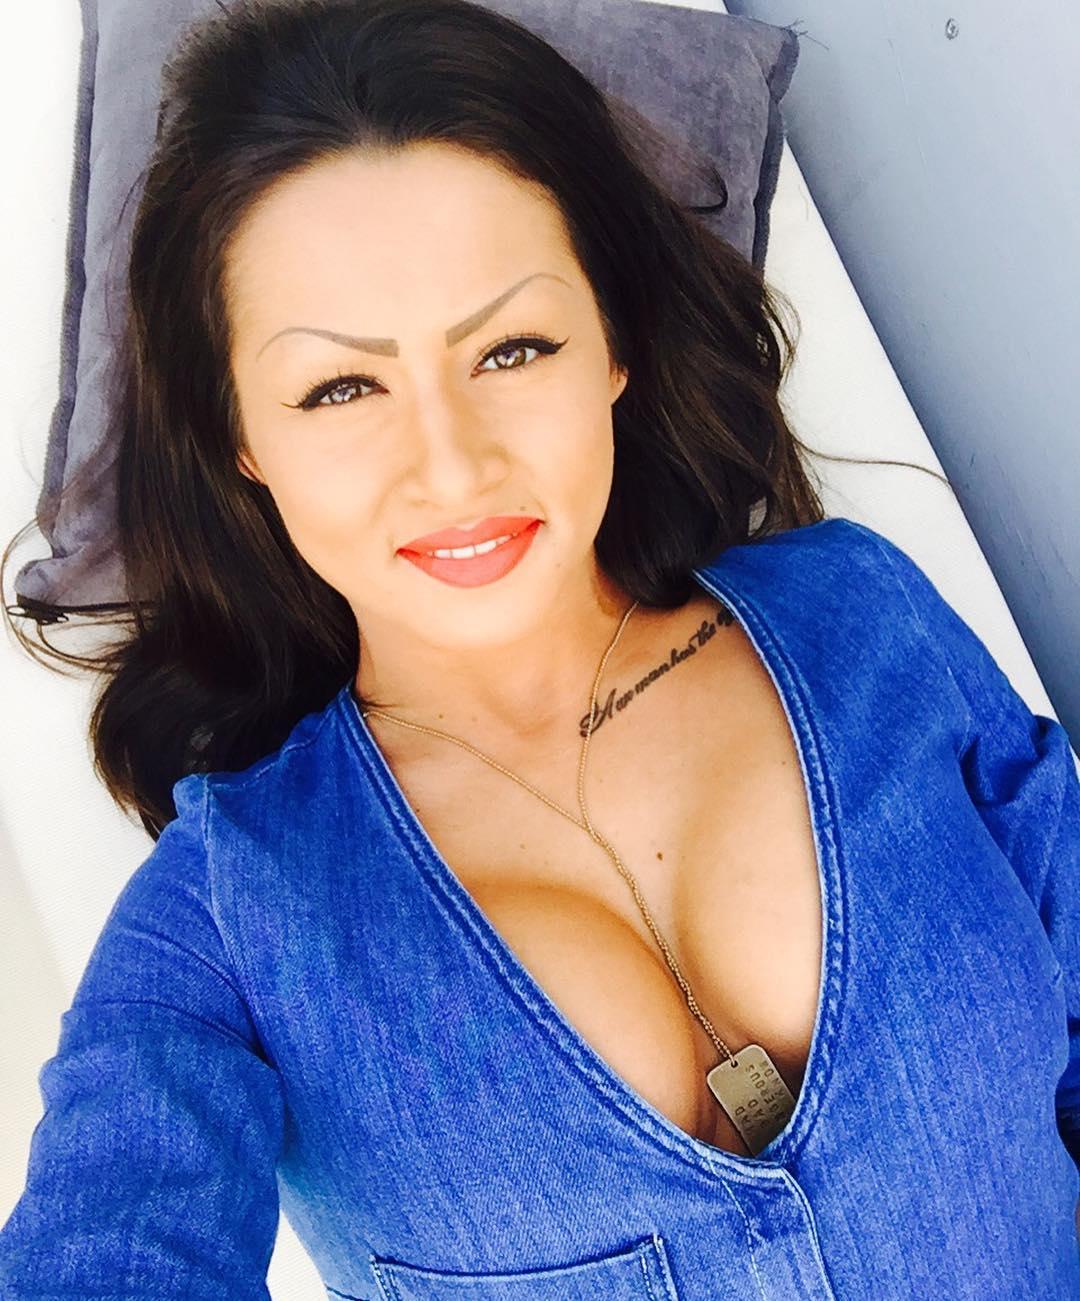 Μαρία Τζινέρη